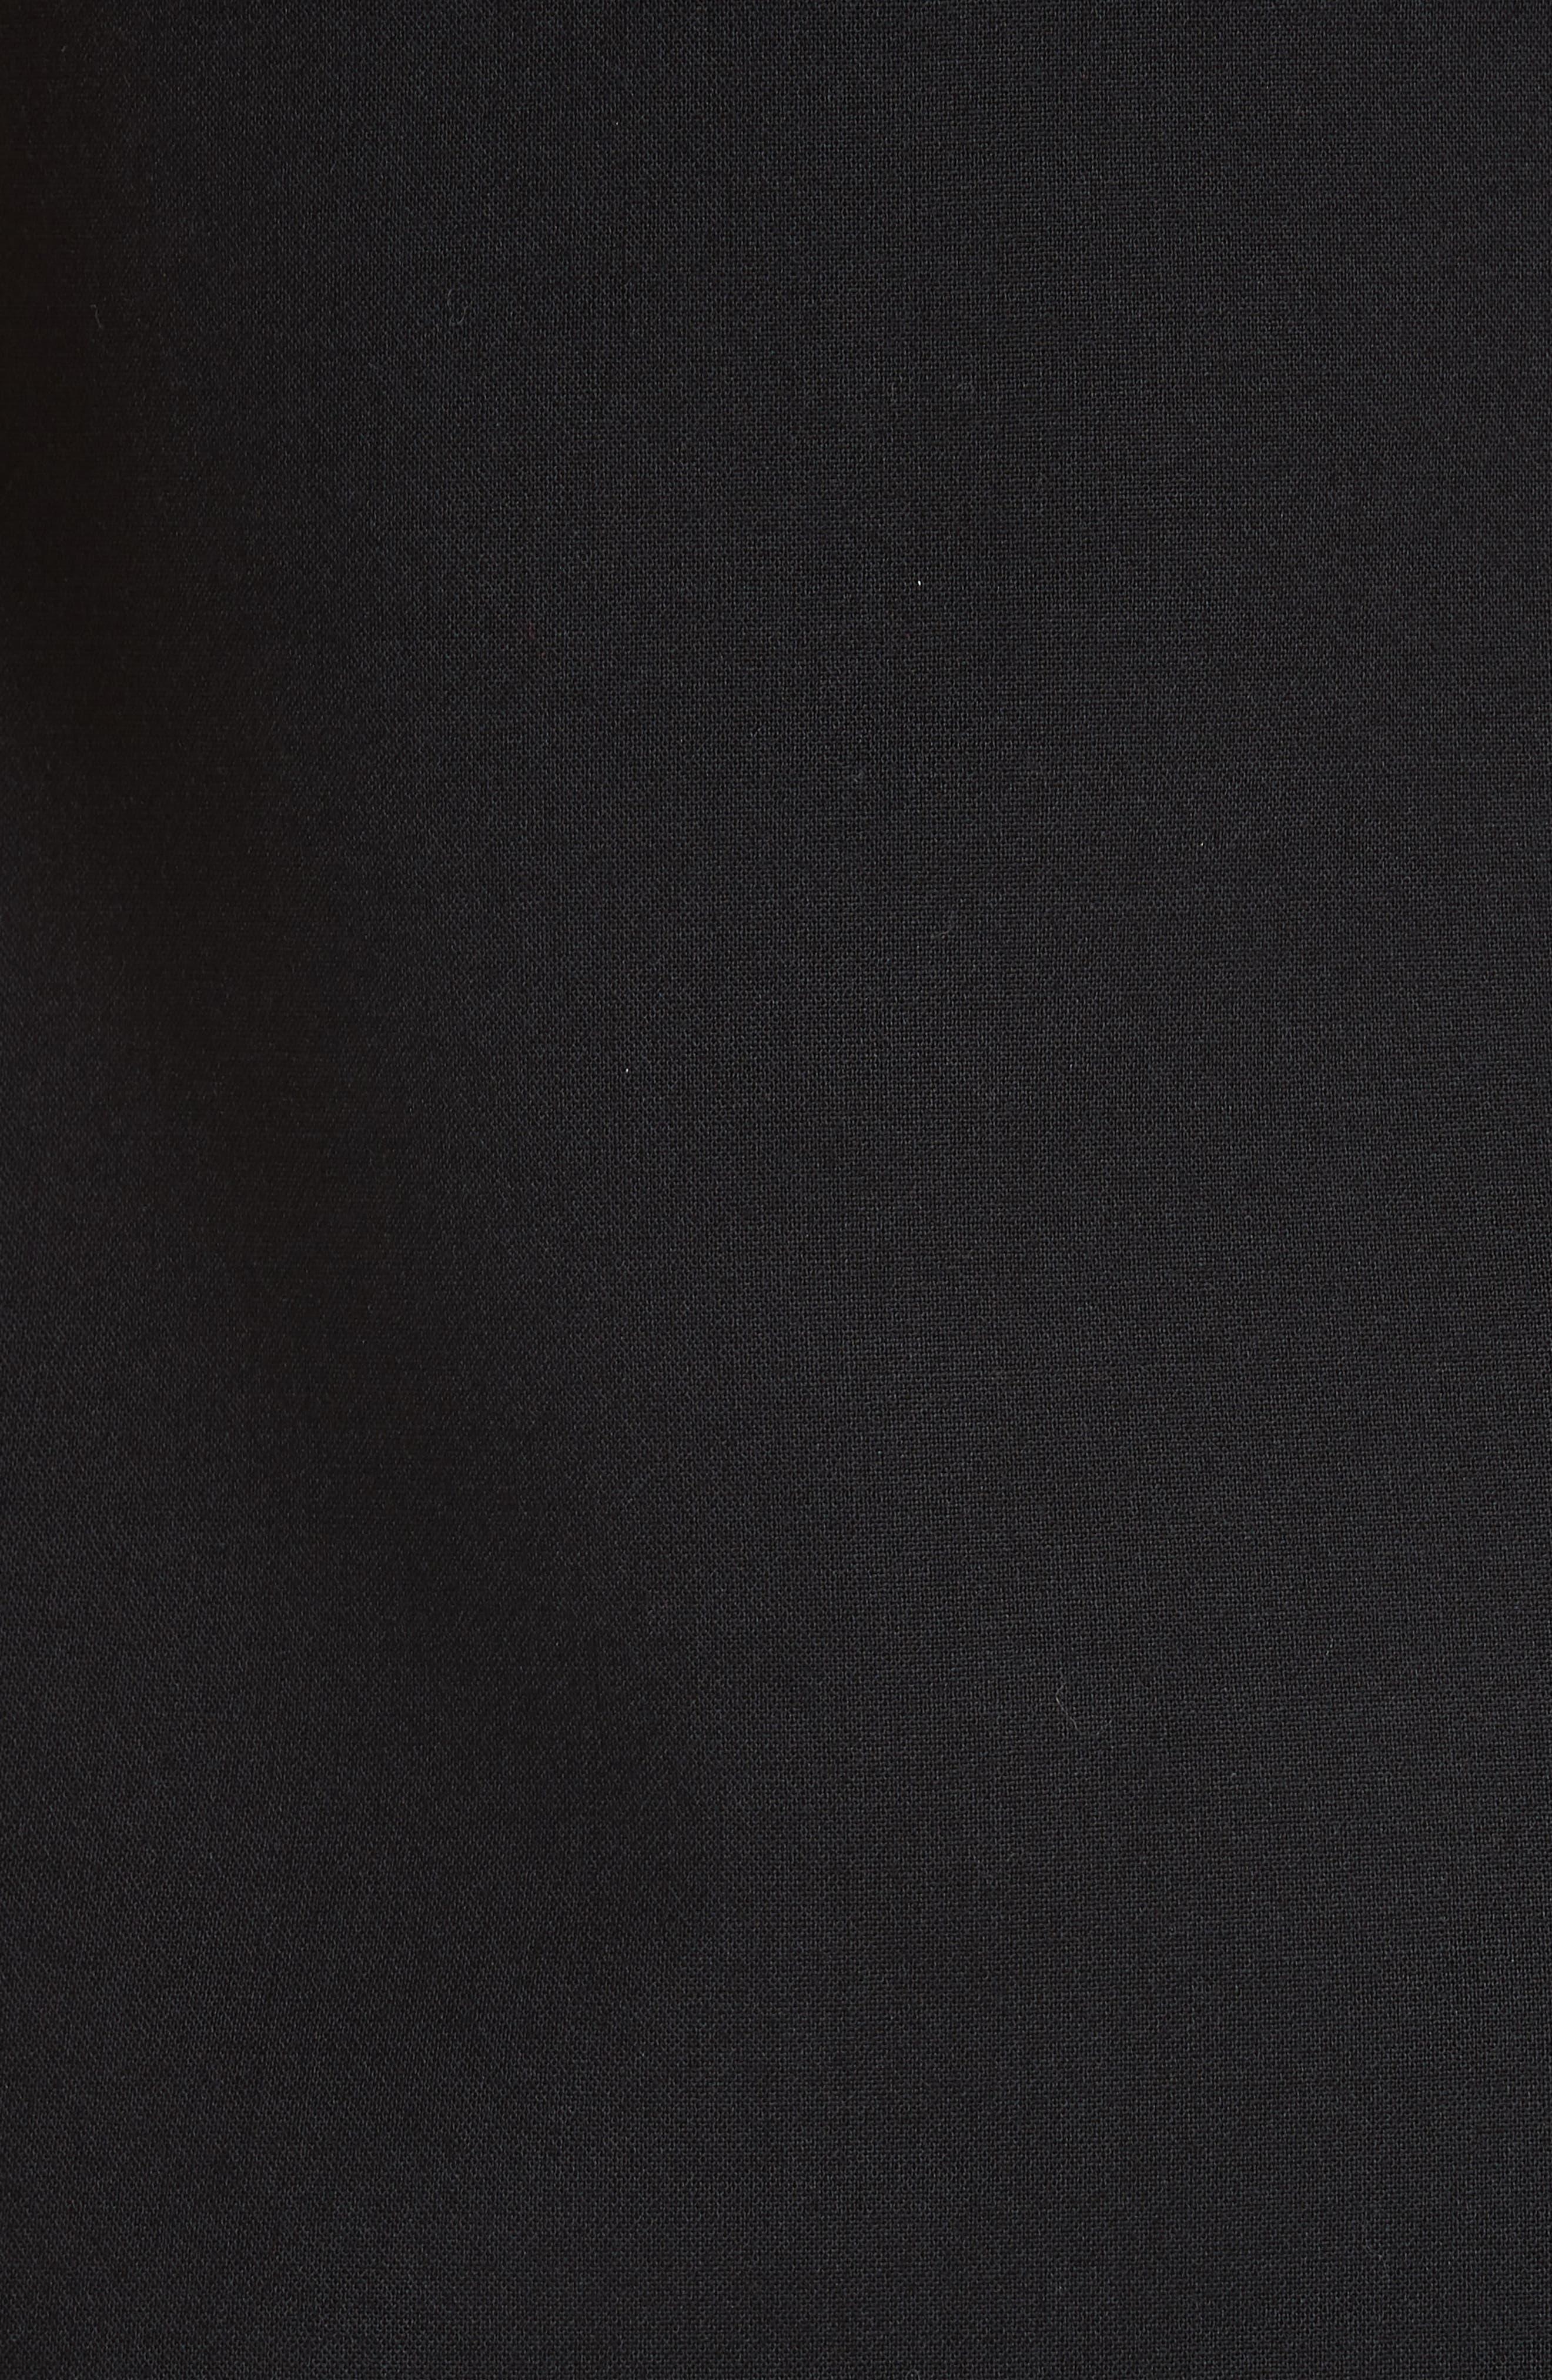 V-Hardware Double Crepe Dress,                             Alternate thumbnail 6, color,                             BLACK